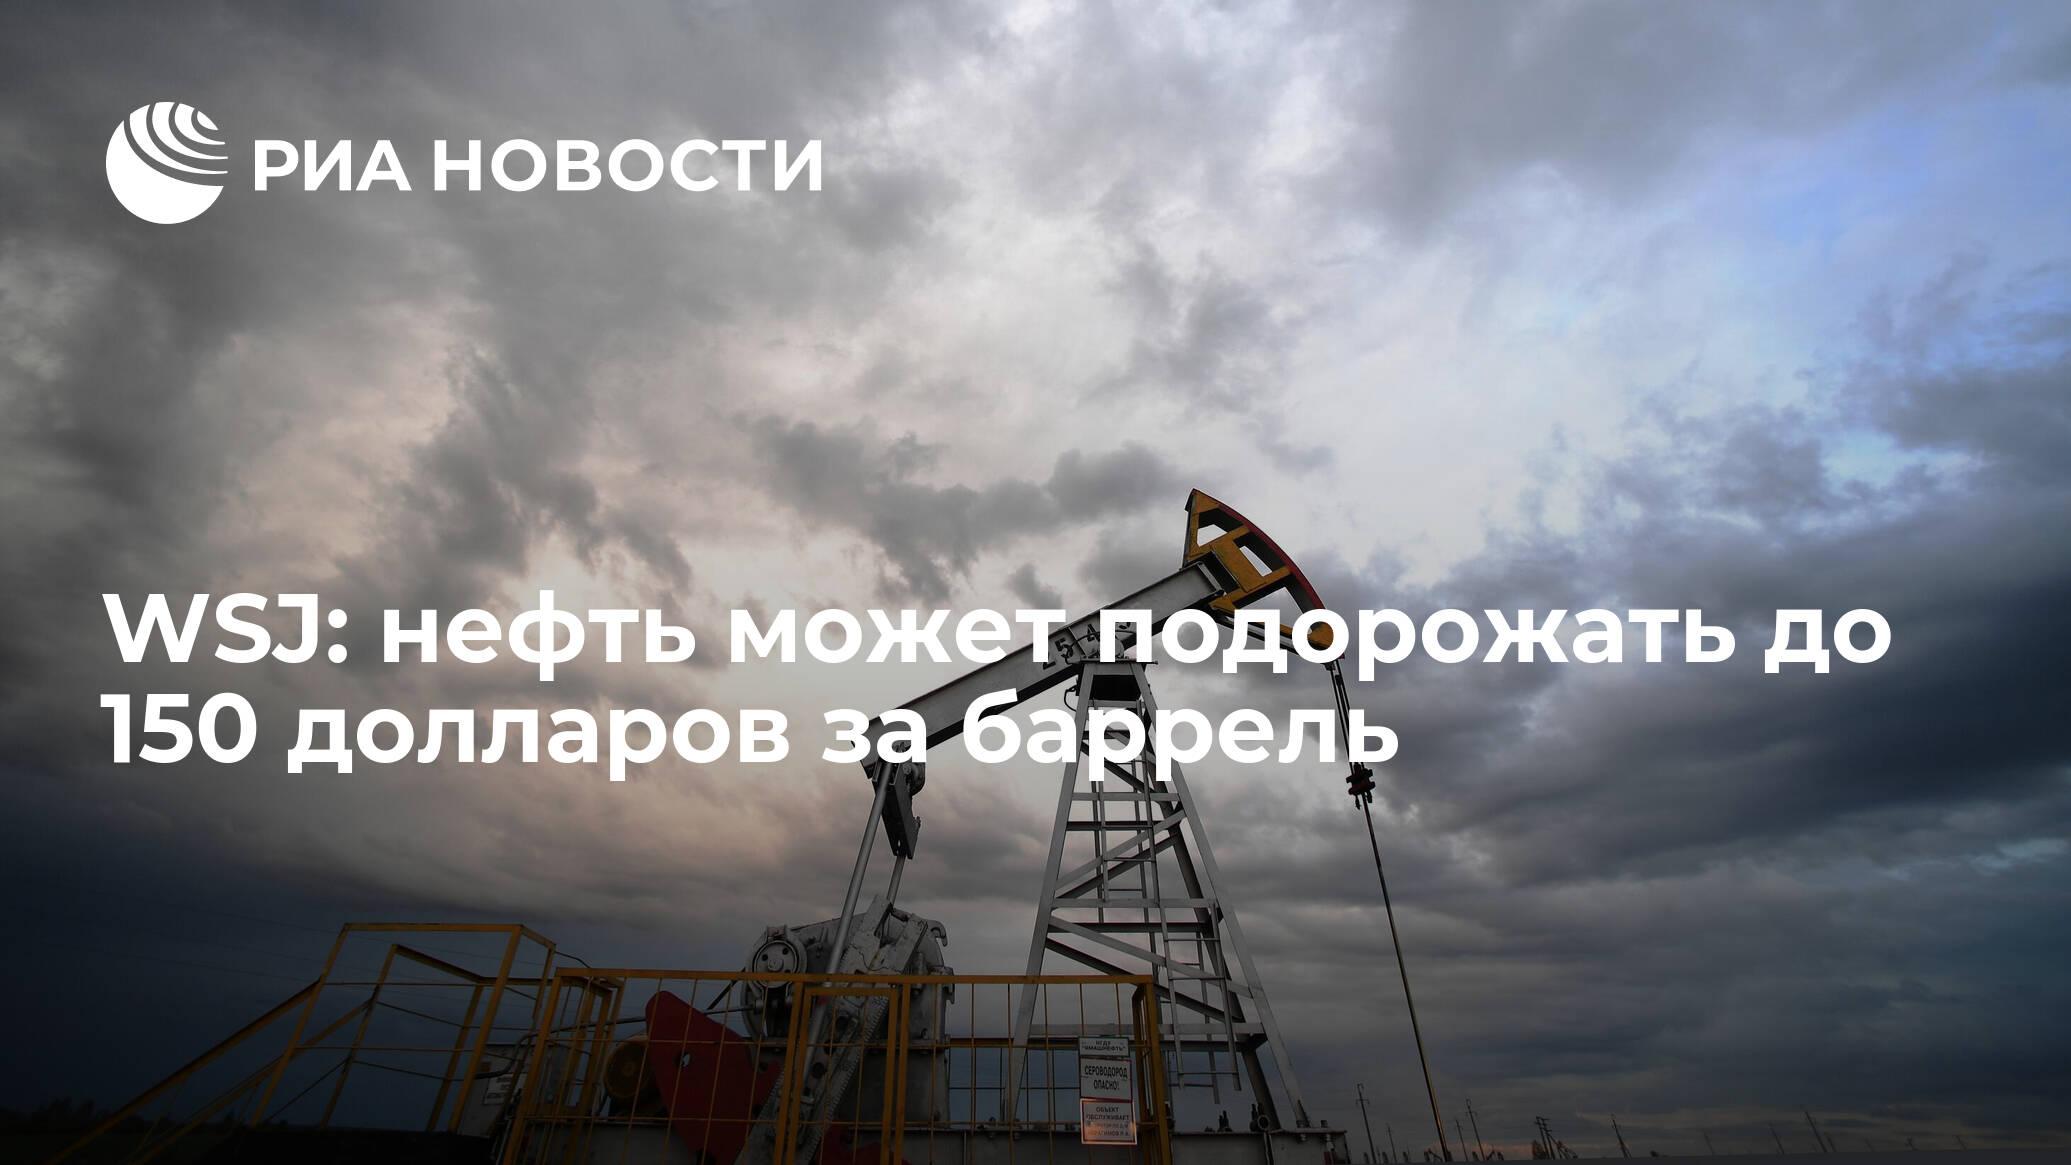 WSJ: нефть может подорожать до 150 долларов за баррель